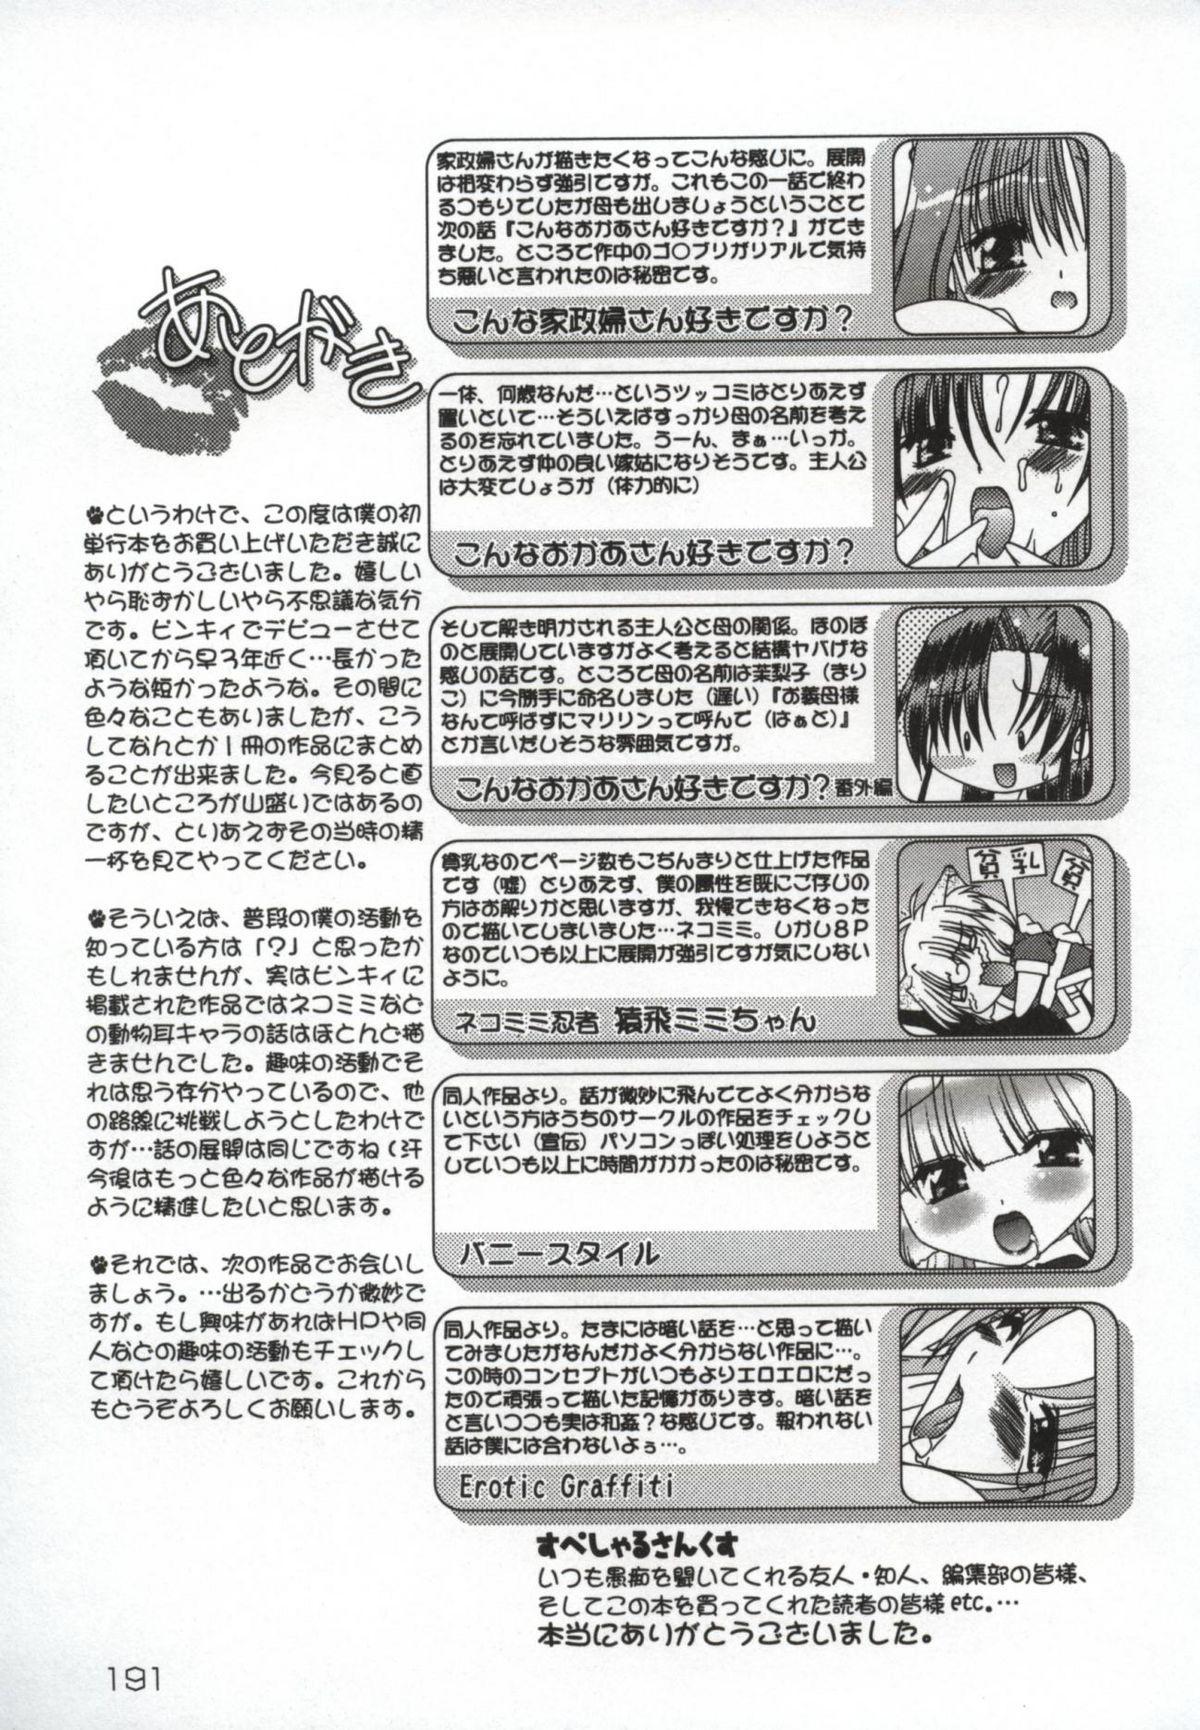 Hatsujou ♡ Oneesama 191